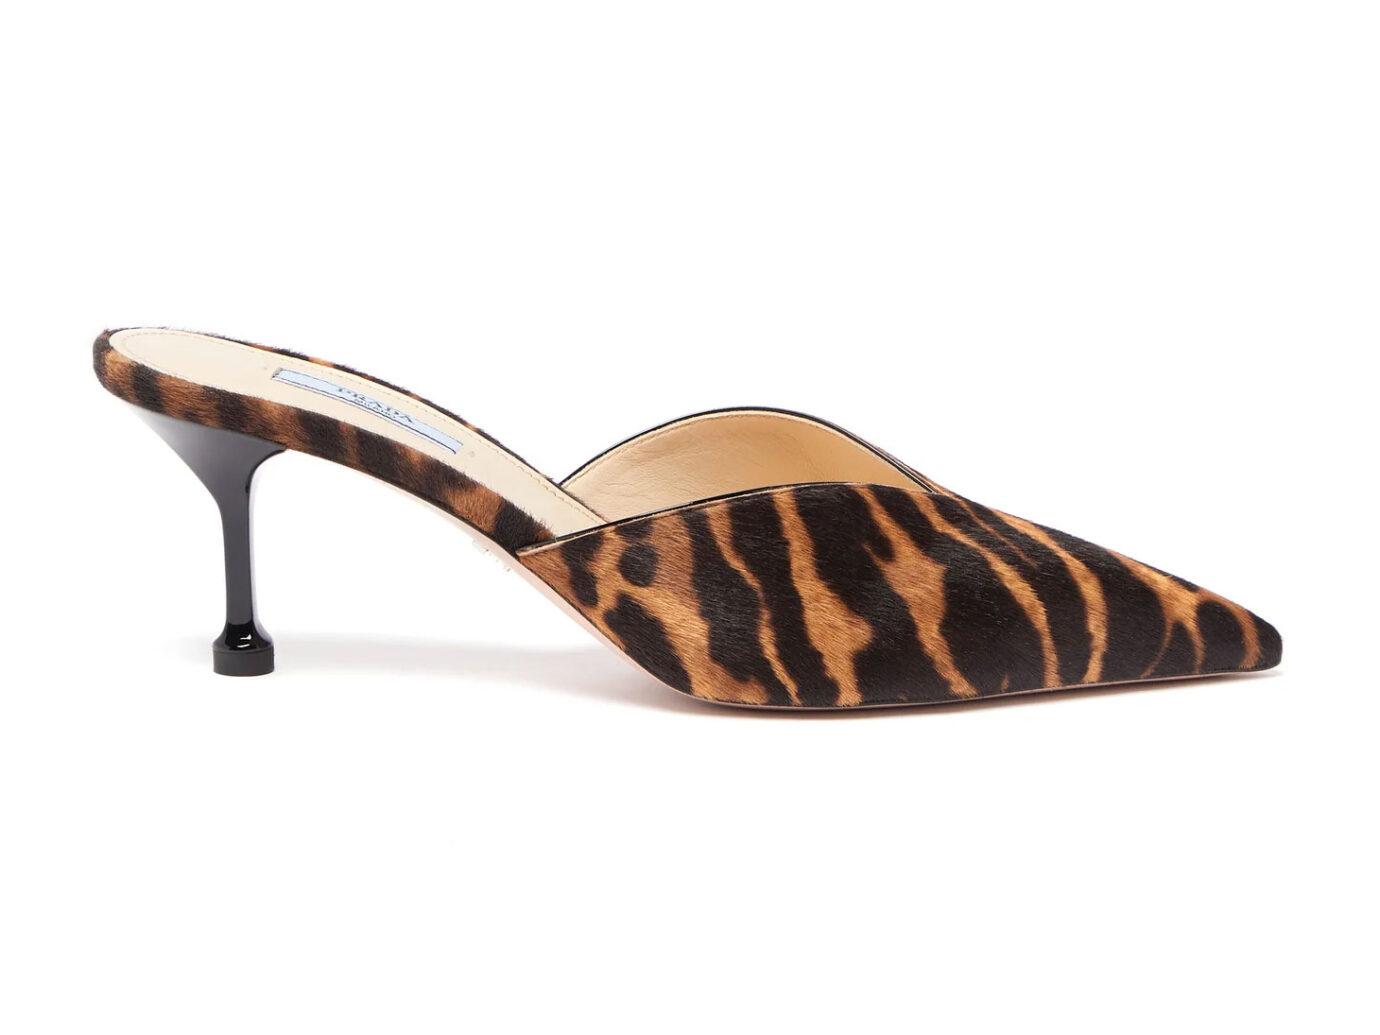 Prada Tiger-Print Calf-Hair Kitten Heel Mules